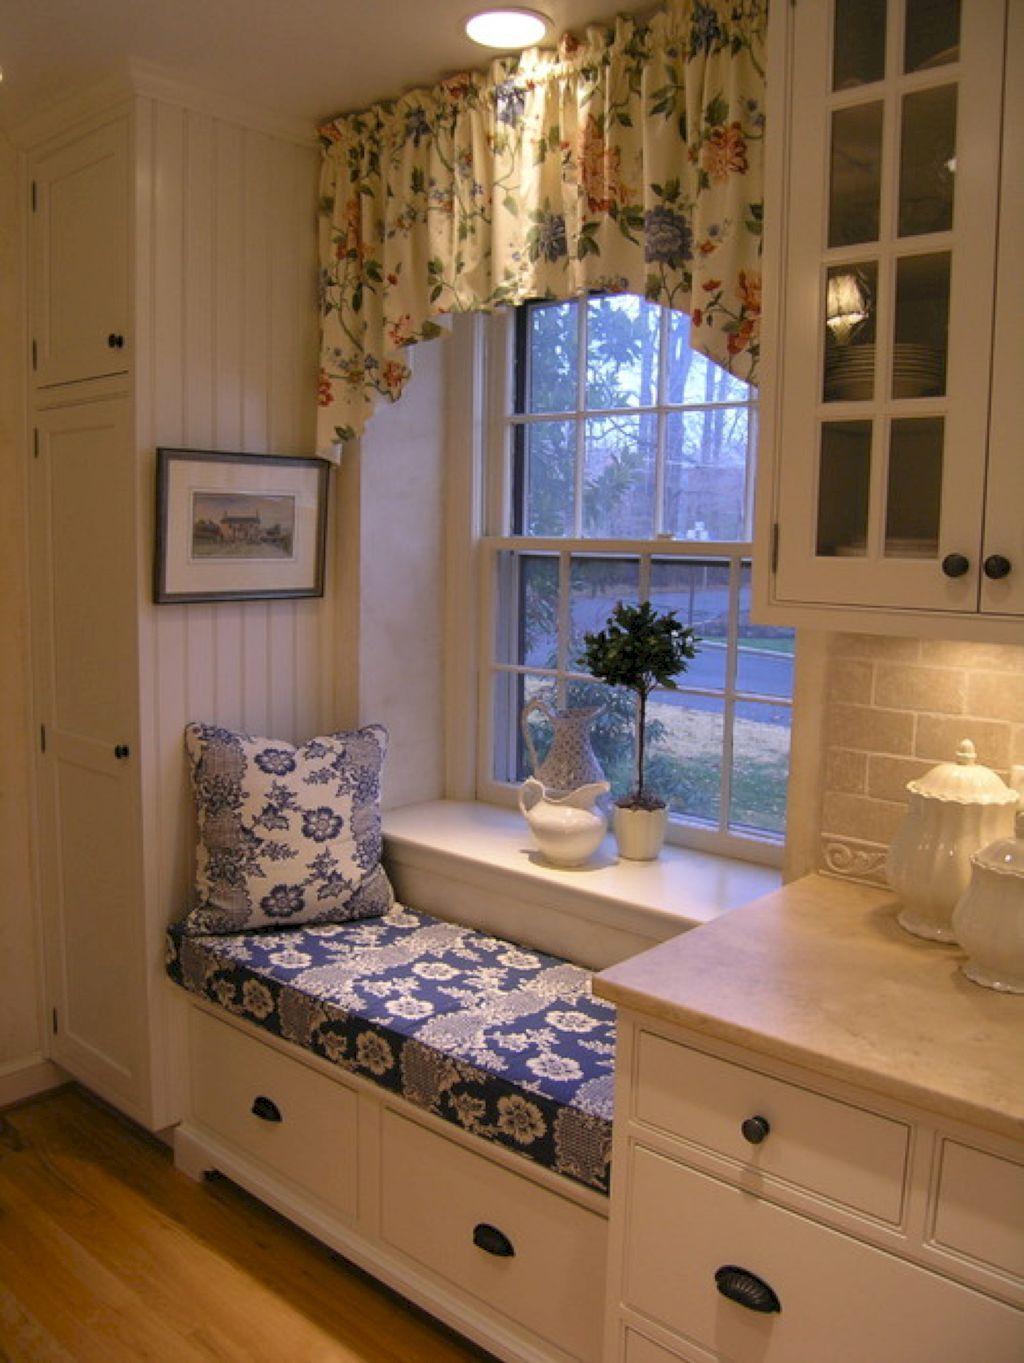 Window nook ideas   farmhouse style window nook ideas  pinterest  nook ideas